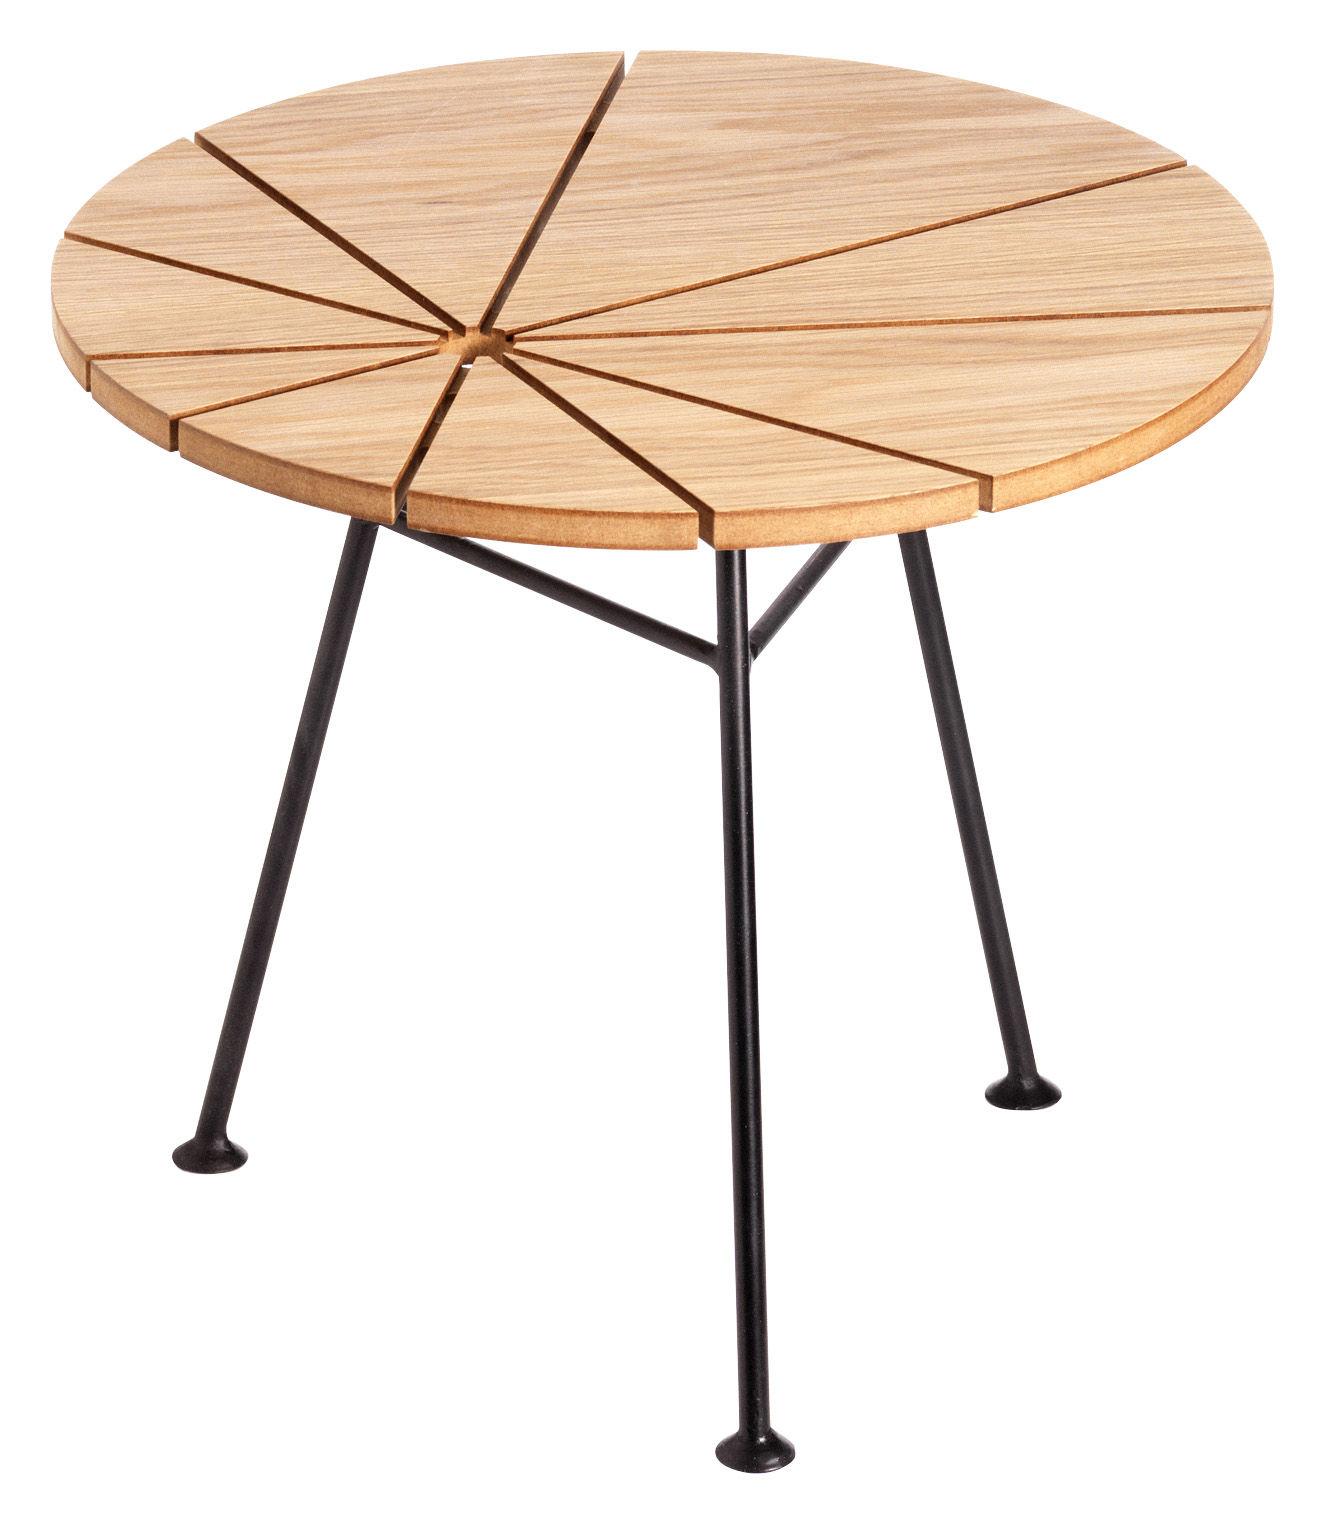 Möbel - Couchtische - Bam Bam Couchtisch Ø 50 cm - OK Design pour Sentou Edition - Eiche natur - eichenfurnierte Holzfaserplatte, lackierter Stahl